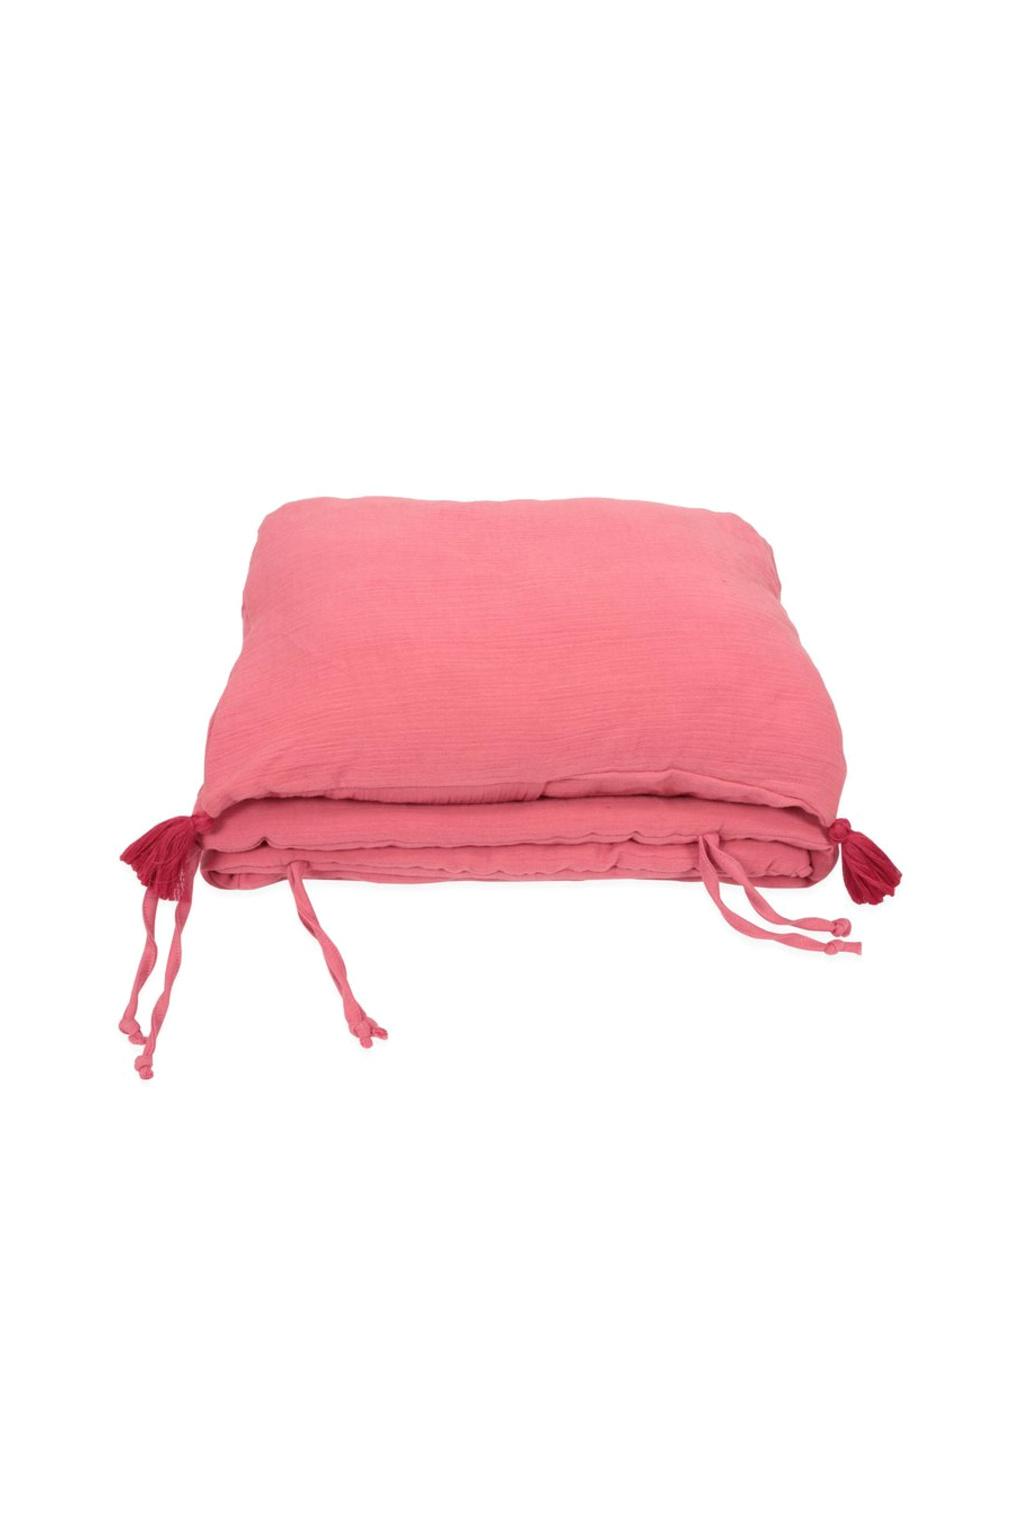 Mušelínový luxusní polštář a mantinel